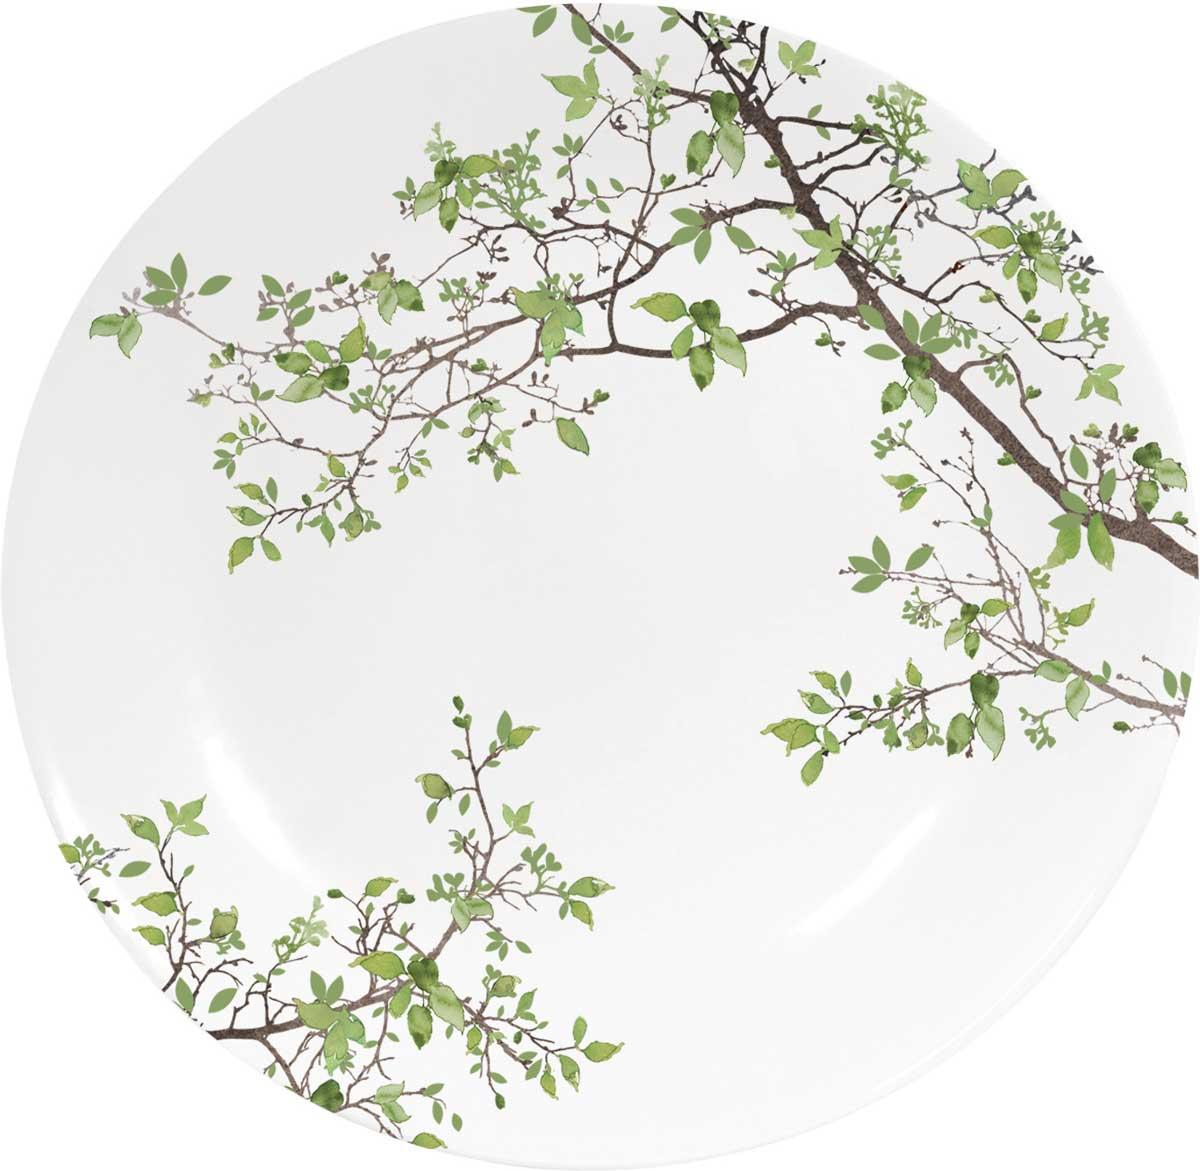 Тарелка десертная Easy Life Натура, диаметр 19 смEL-R1083/NTRAДесертная тарелка Easy Life Натура изготовлена из высококачественного фарфора и имеет изысканный внешний вид.Такая тарелка прекрасно подходит как для торжественных случаев, так и для повседневногоиспользования.Идеальна для подачи десертов, пирожных, тортов и многого другого. Она прекрасно оформит стол и станет отличным дополнением к вашей коллекции кухонной посуды.